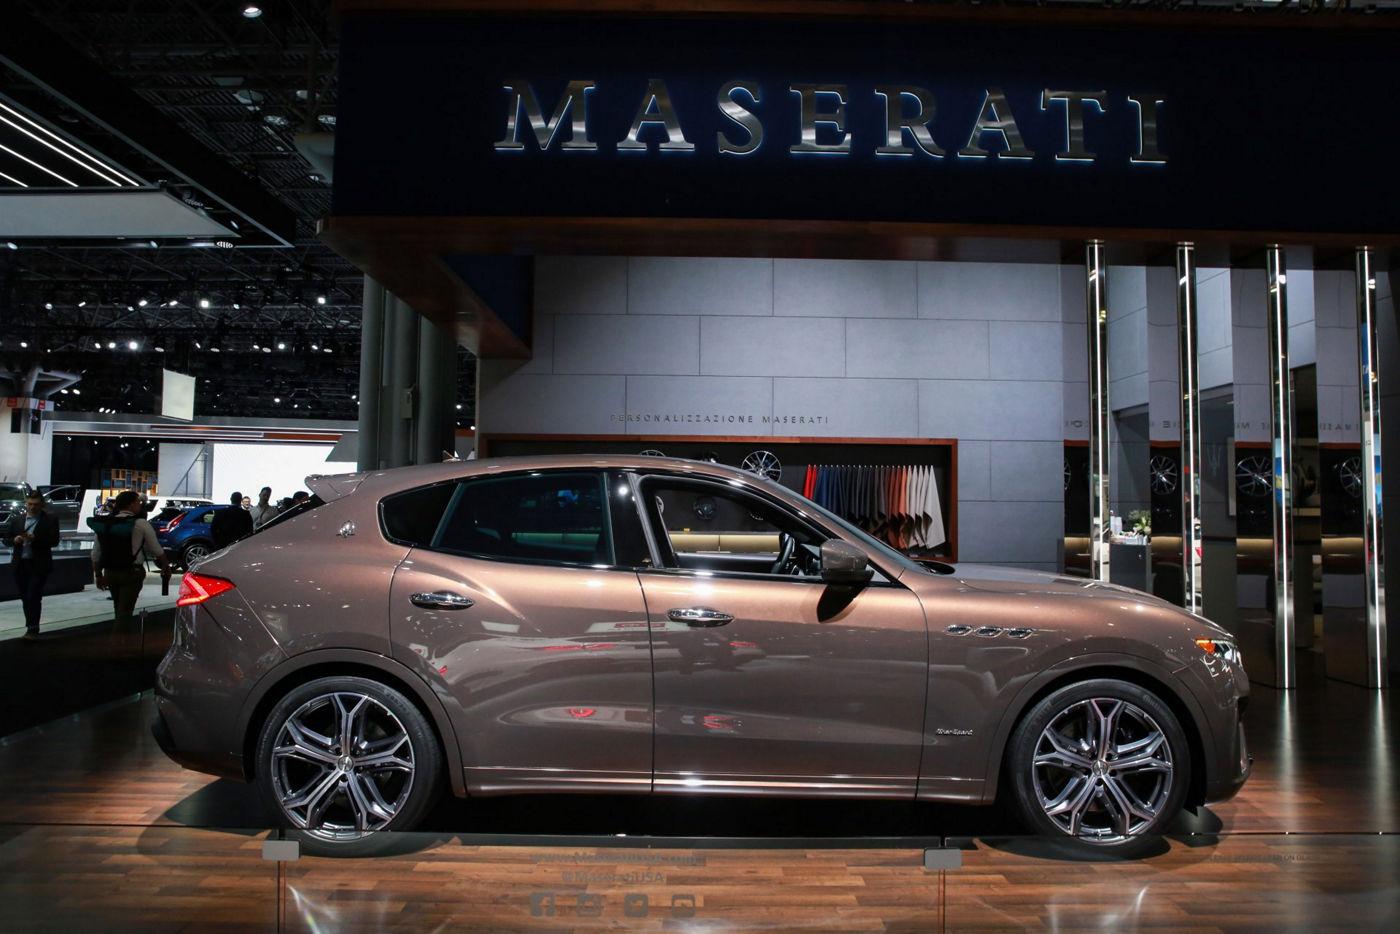 Zegna Maserati Levante Q4 GranSport - side view - Pelletessuta™ interior by Ermenegildo Zegna